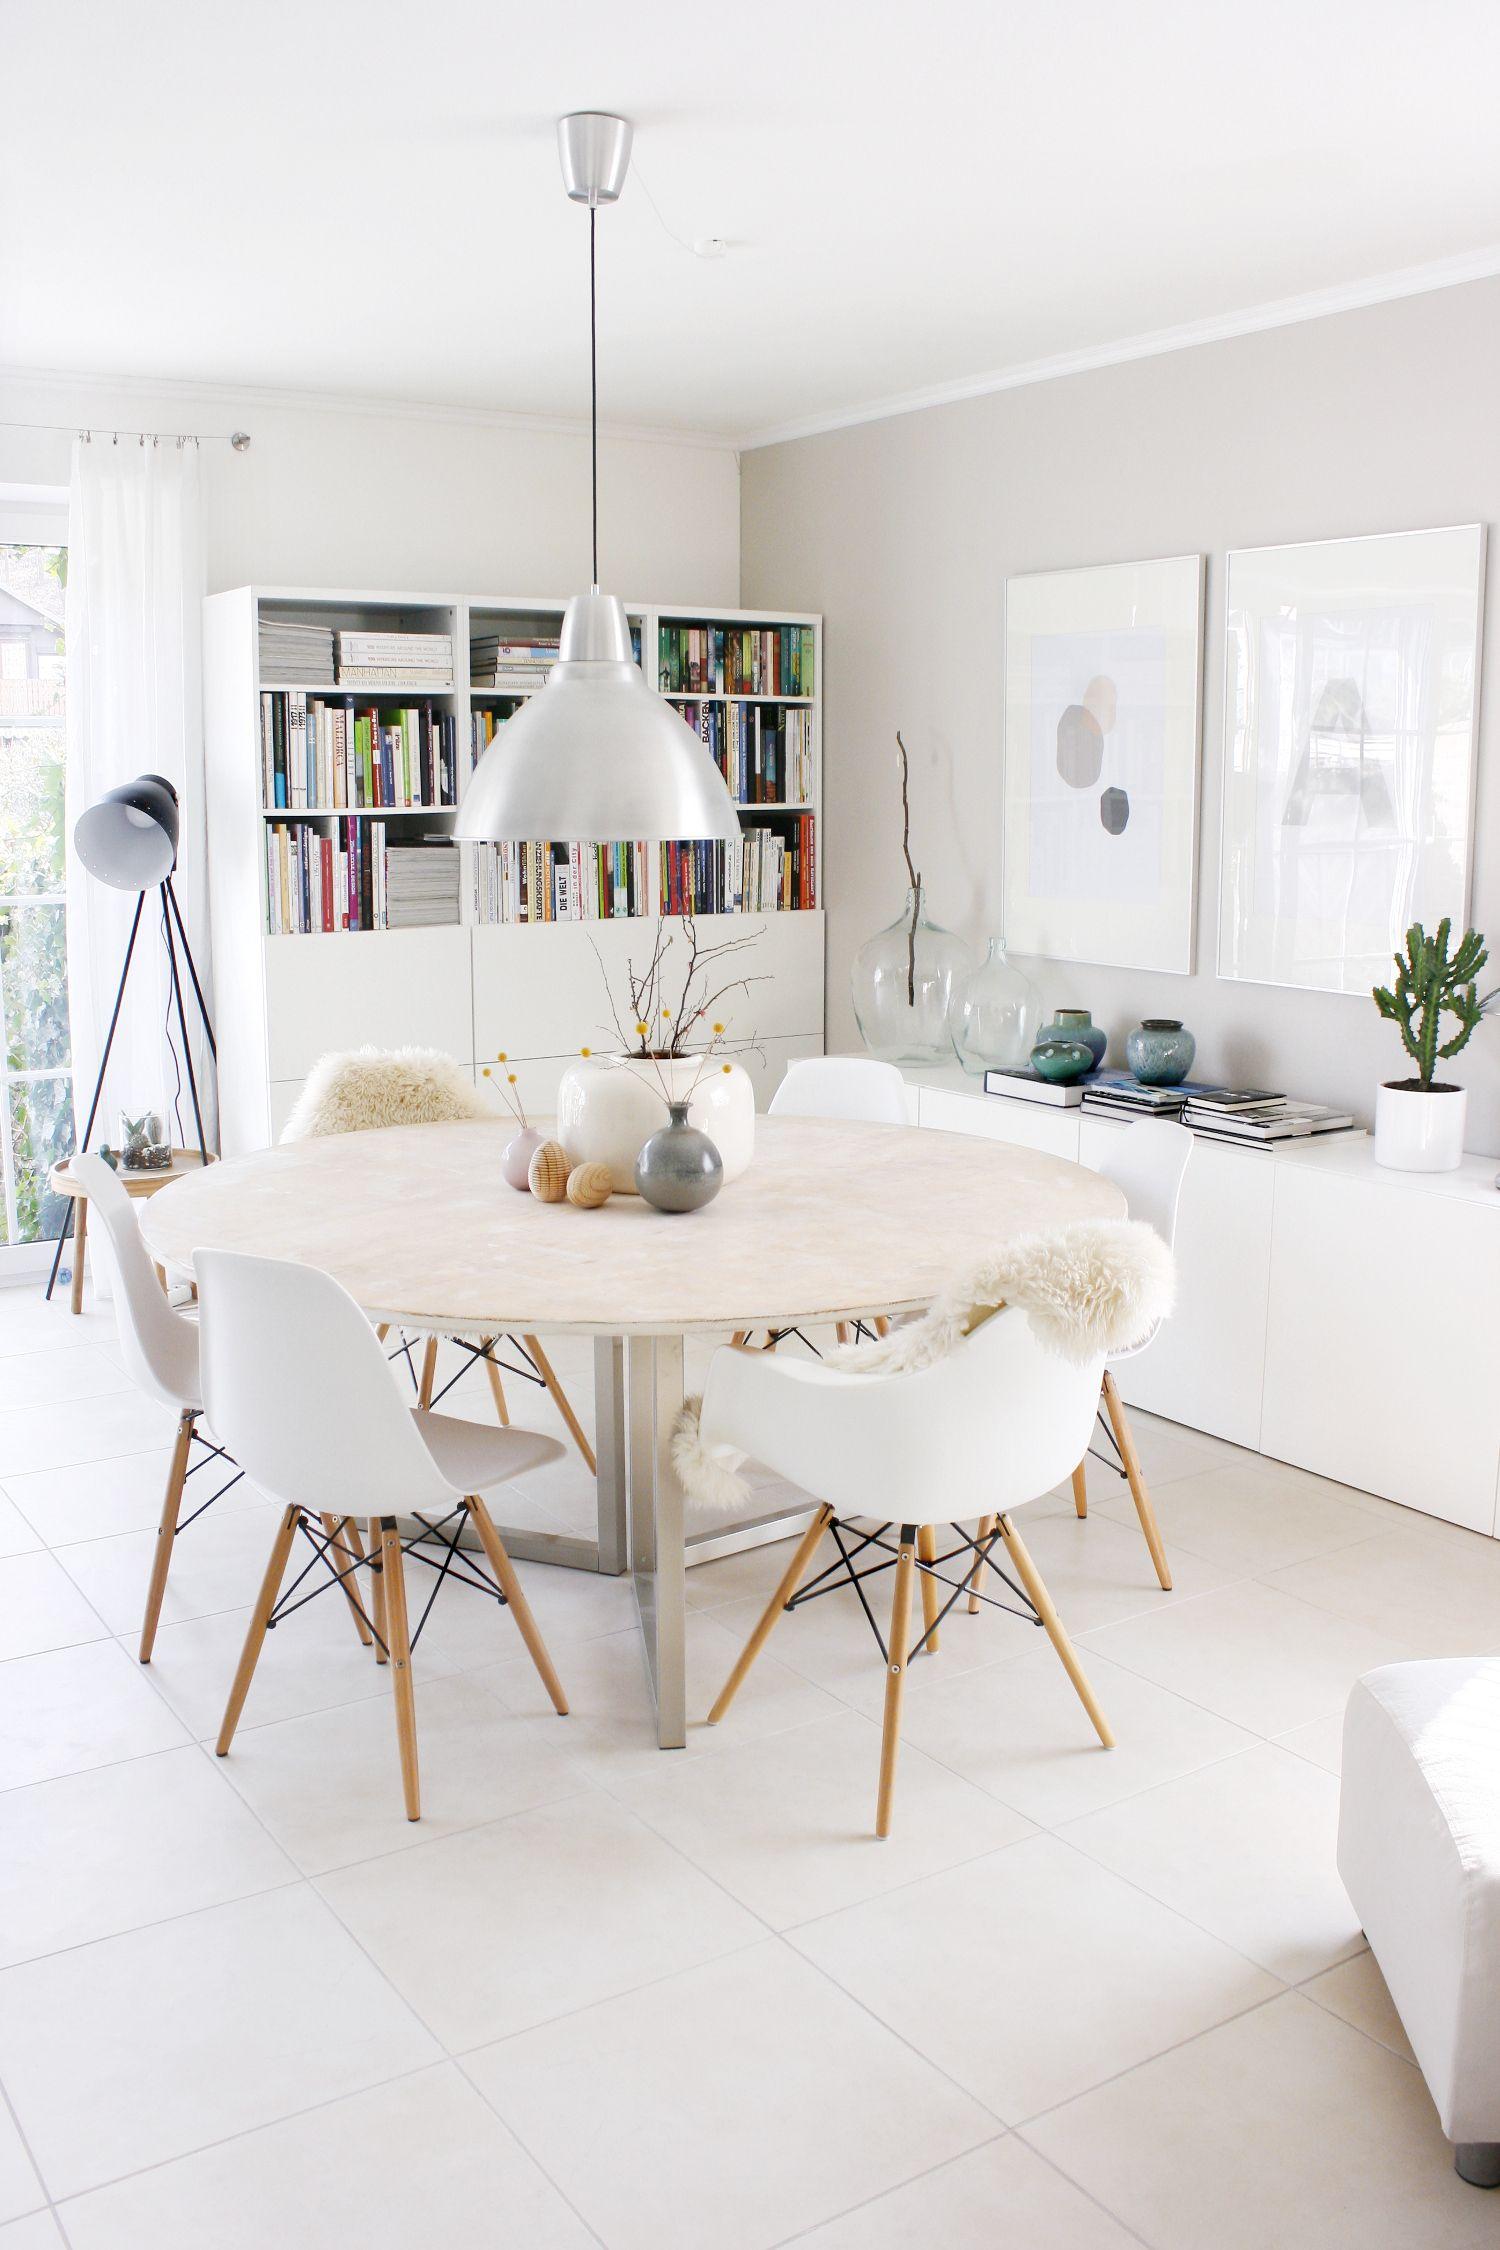 Esszimmer ideen im freien pin von esmee auf home  pinterest  stuhl sehen und malen